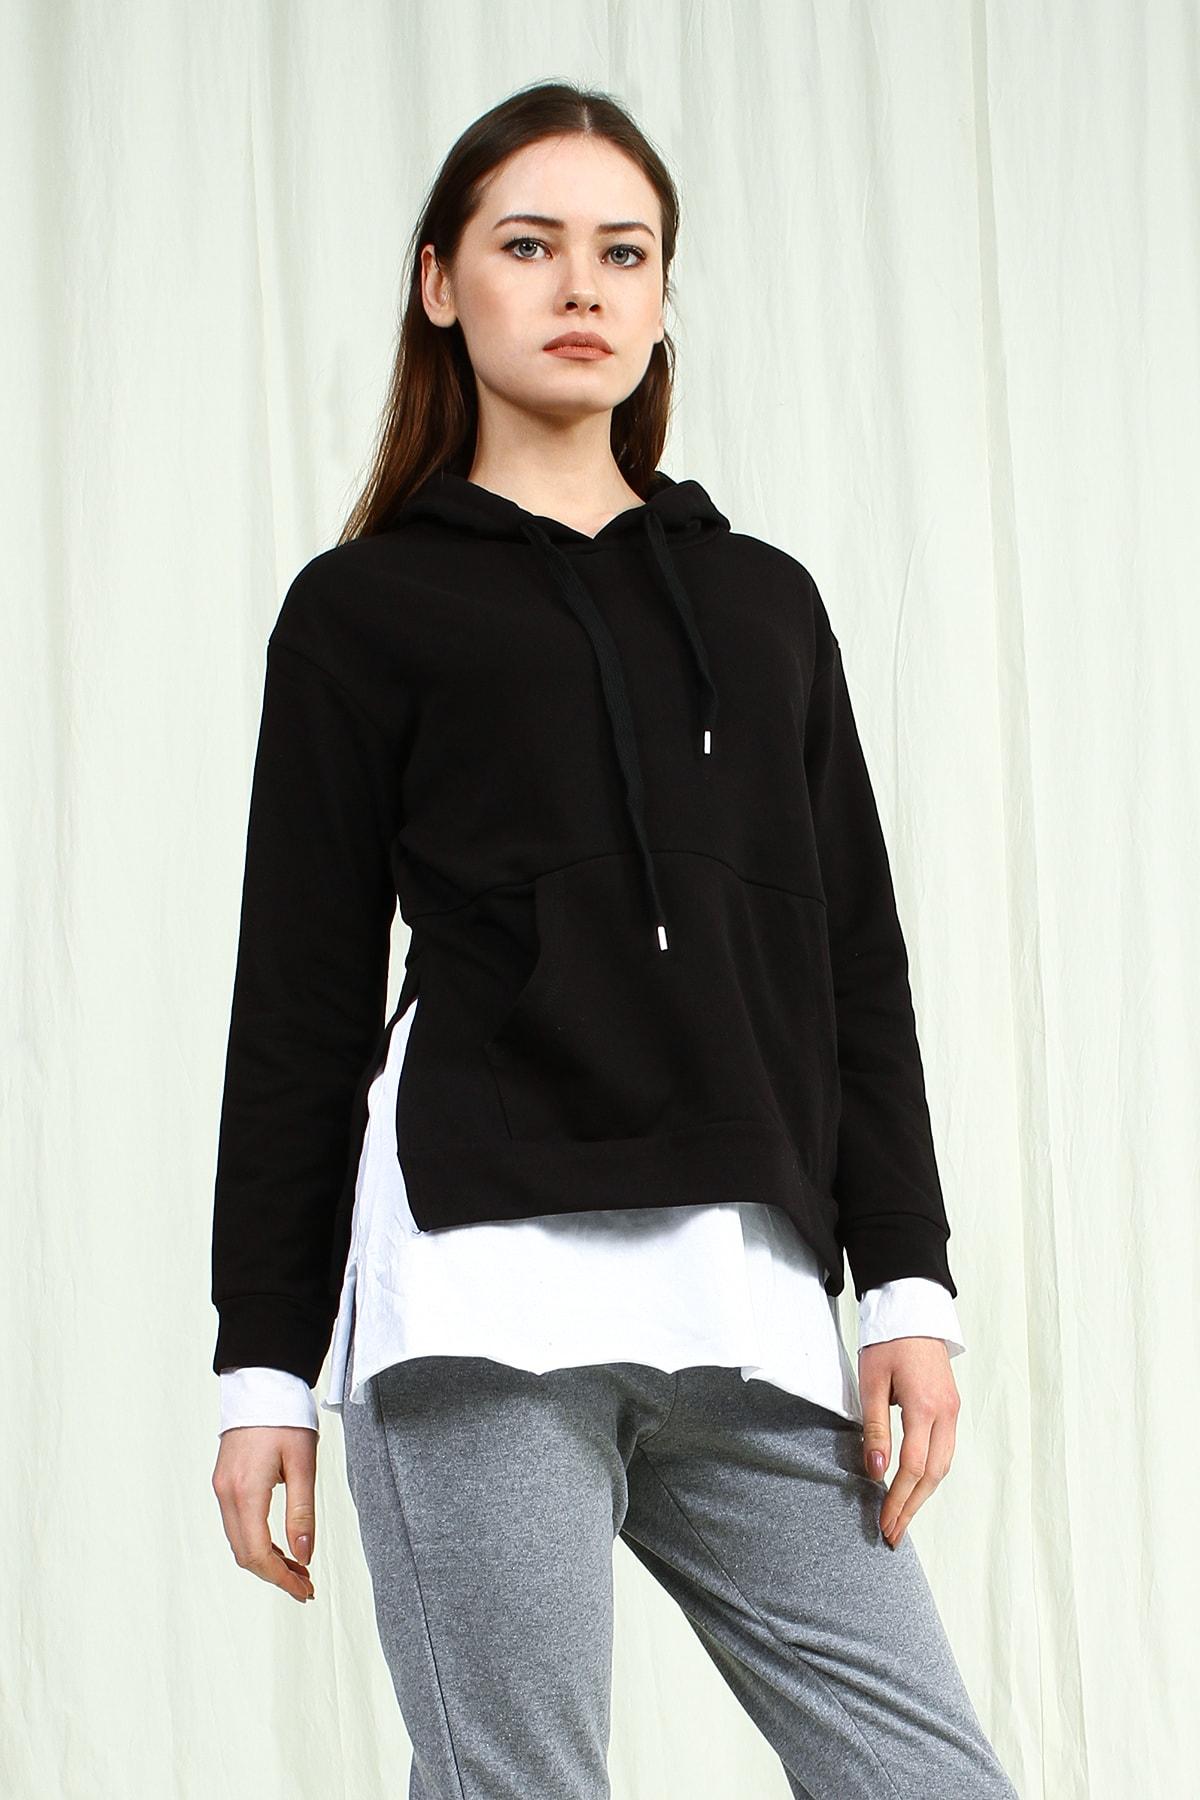 Collezione Siyah Kapişonlu Yanları Yırtmaçlı Ön Cep Detaylı Uzun Kollu Kadın Sweatshirt 2